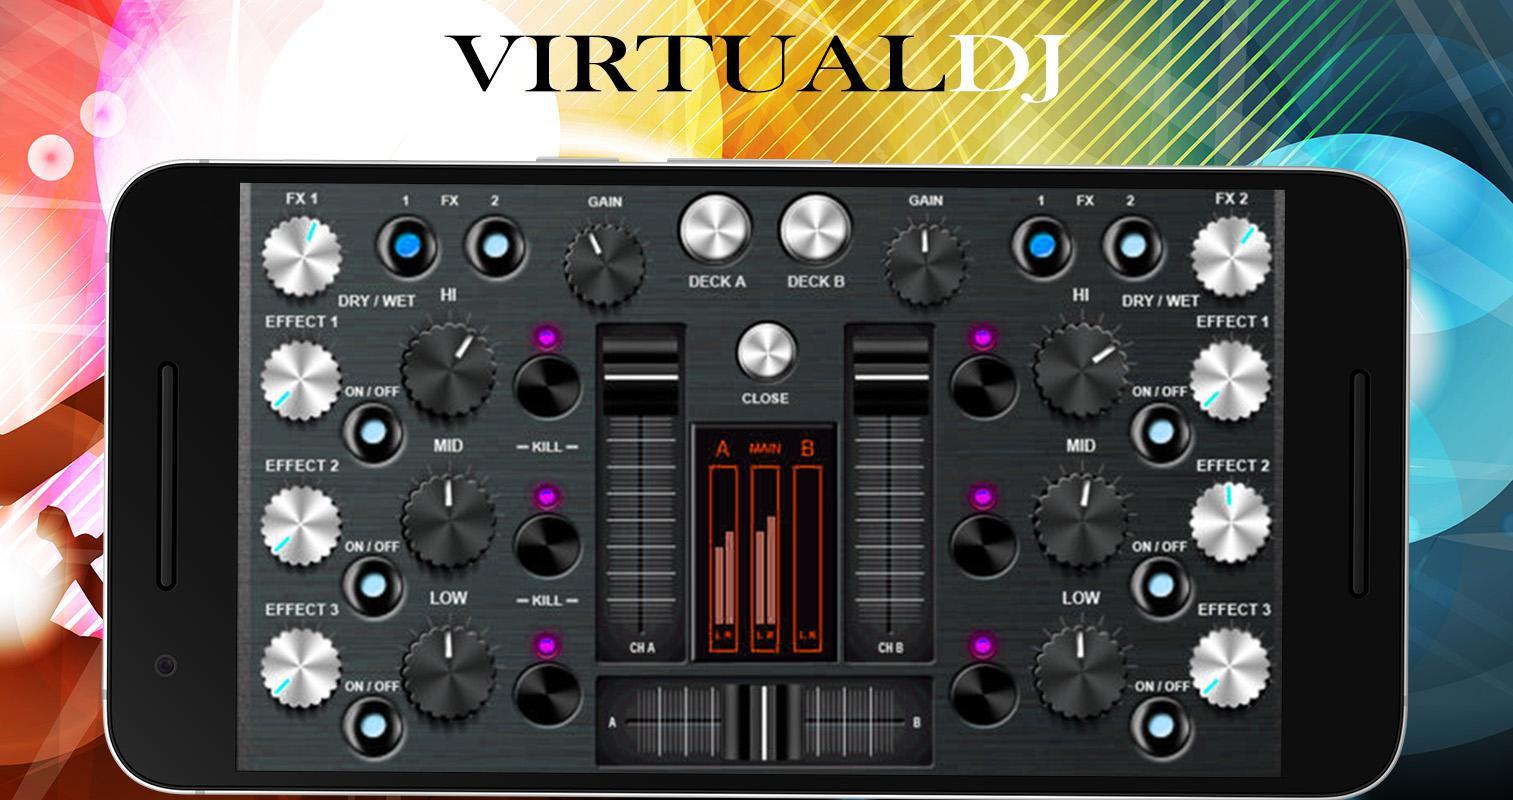 Virtual DJ Mixer 8🎛 Djing Song Mixer & Controller 6 08 APK Download